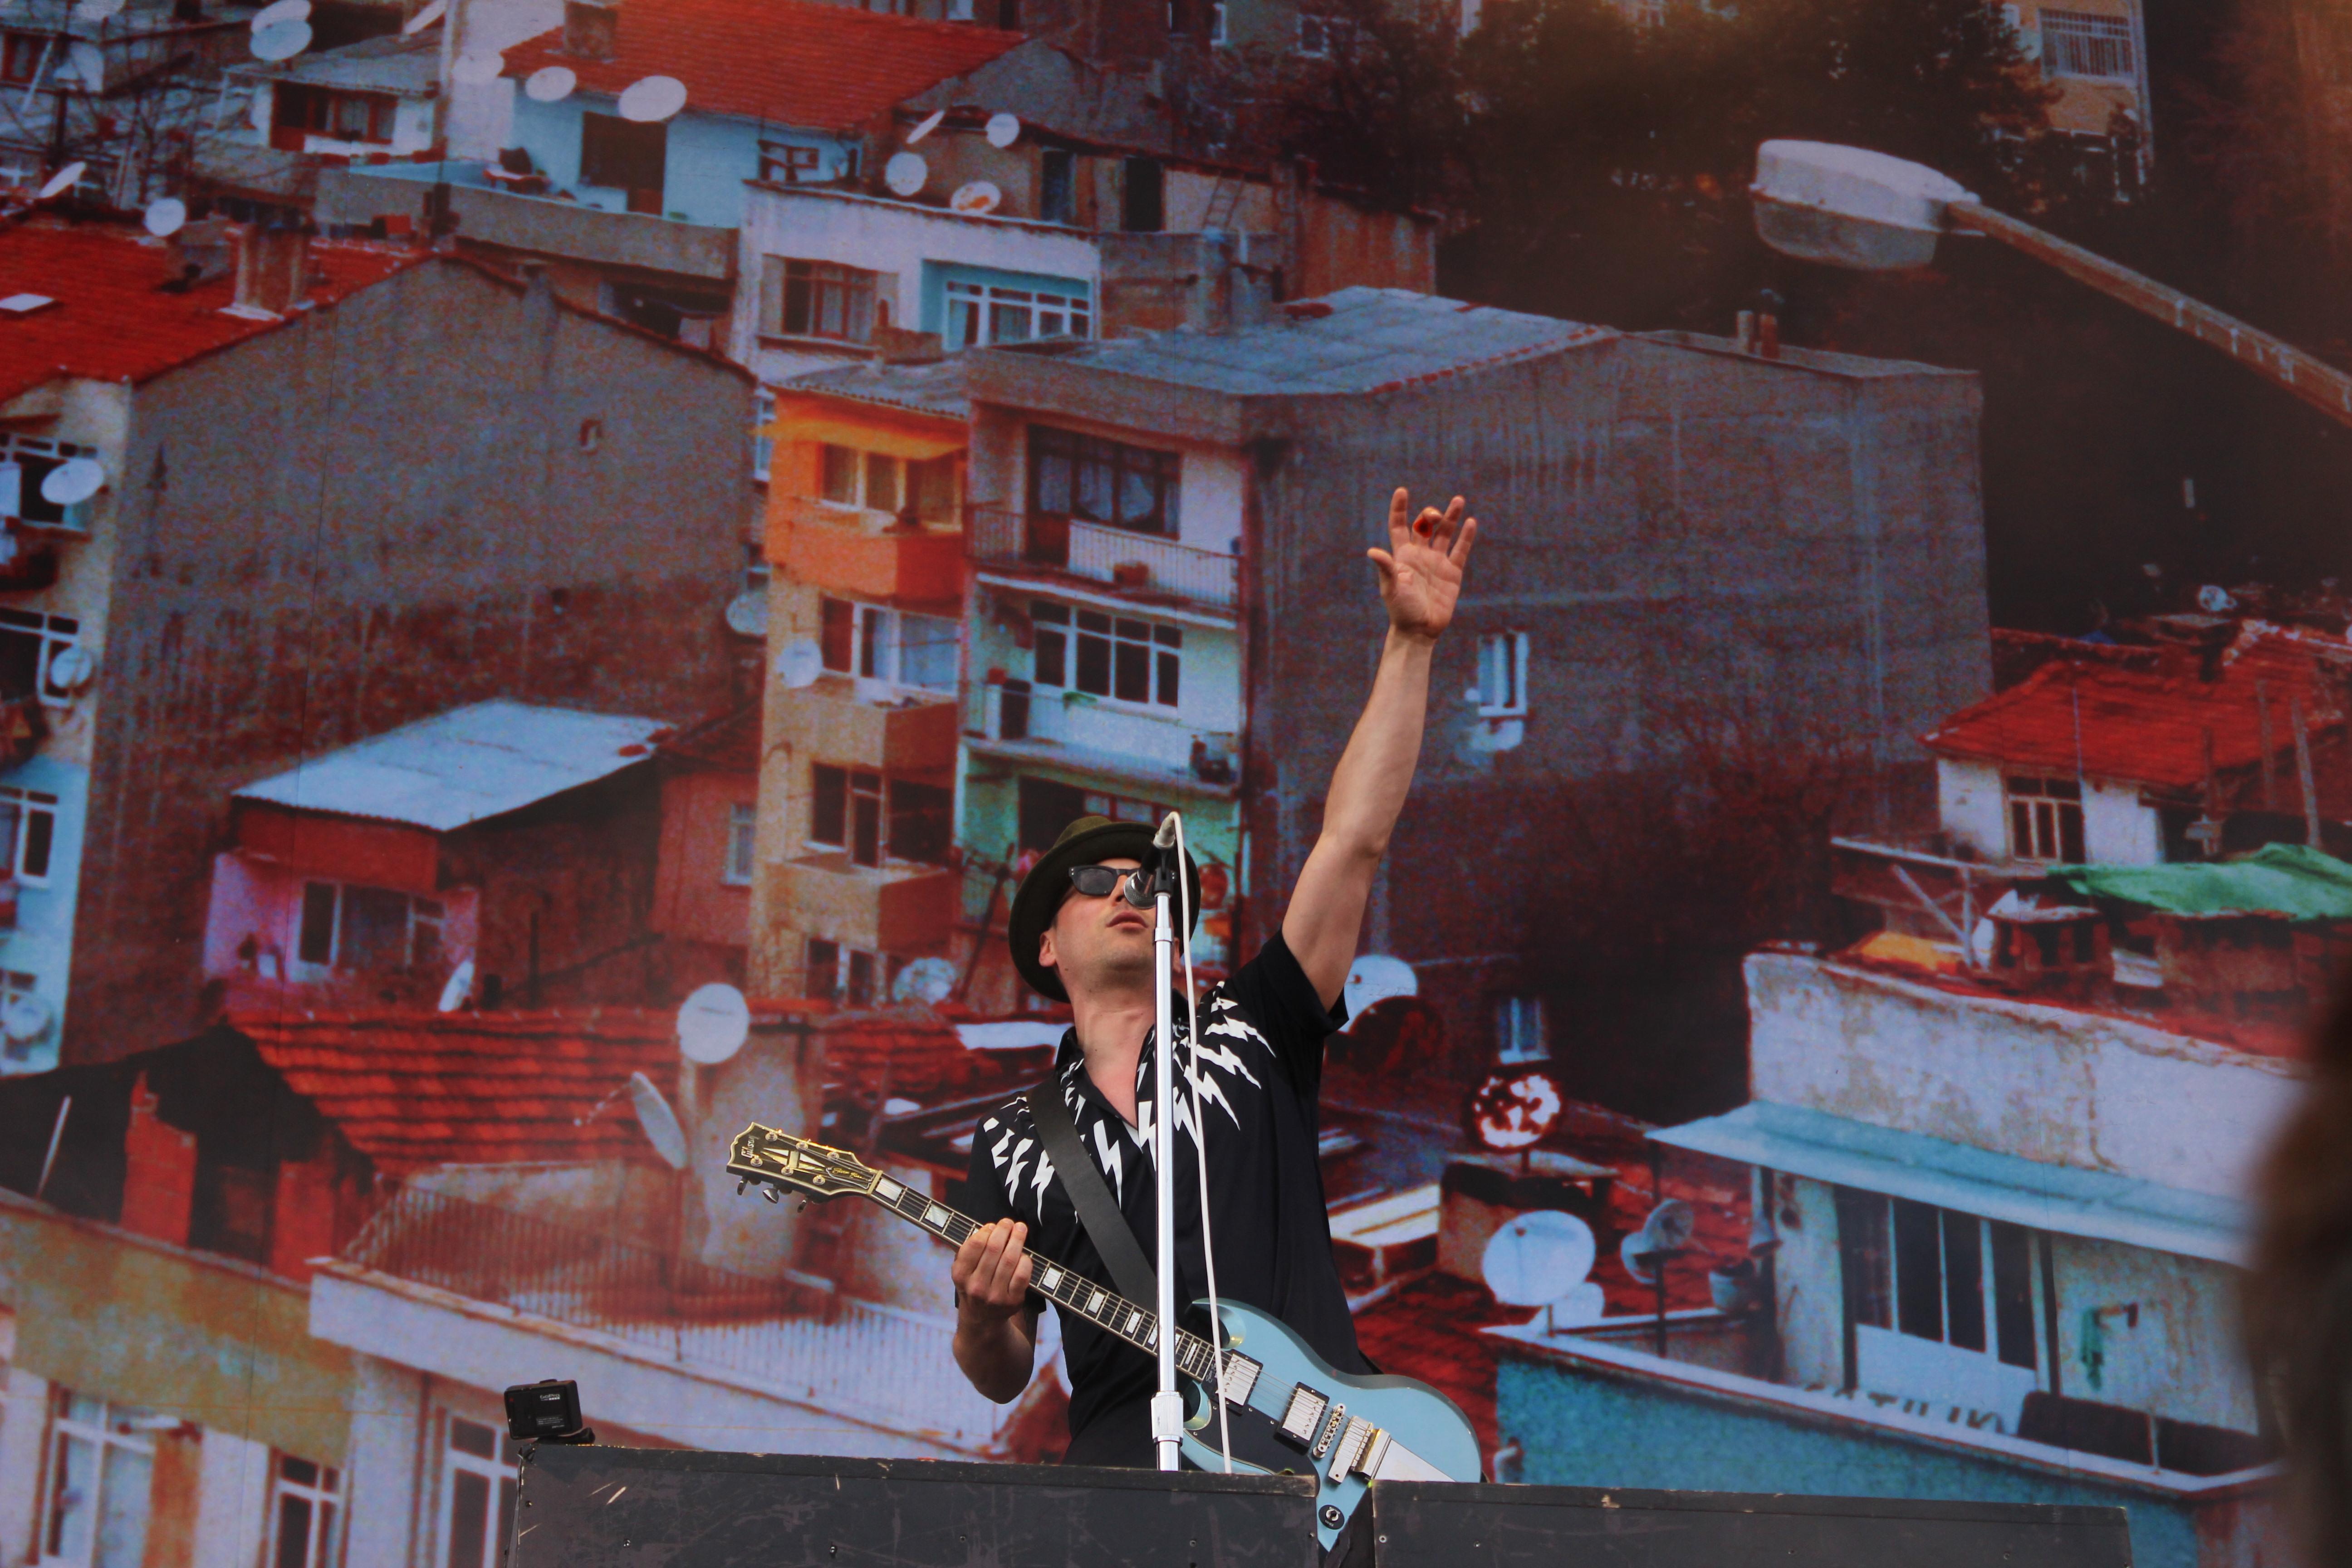 In Siegerpose beim Lollapalooza: Arnim Teutoburg-Weiß, Sänger von den Beatsteaks